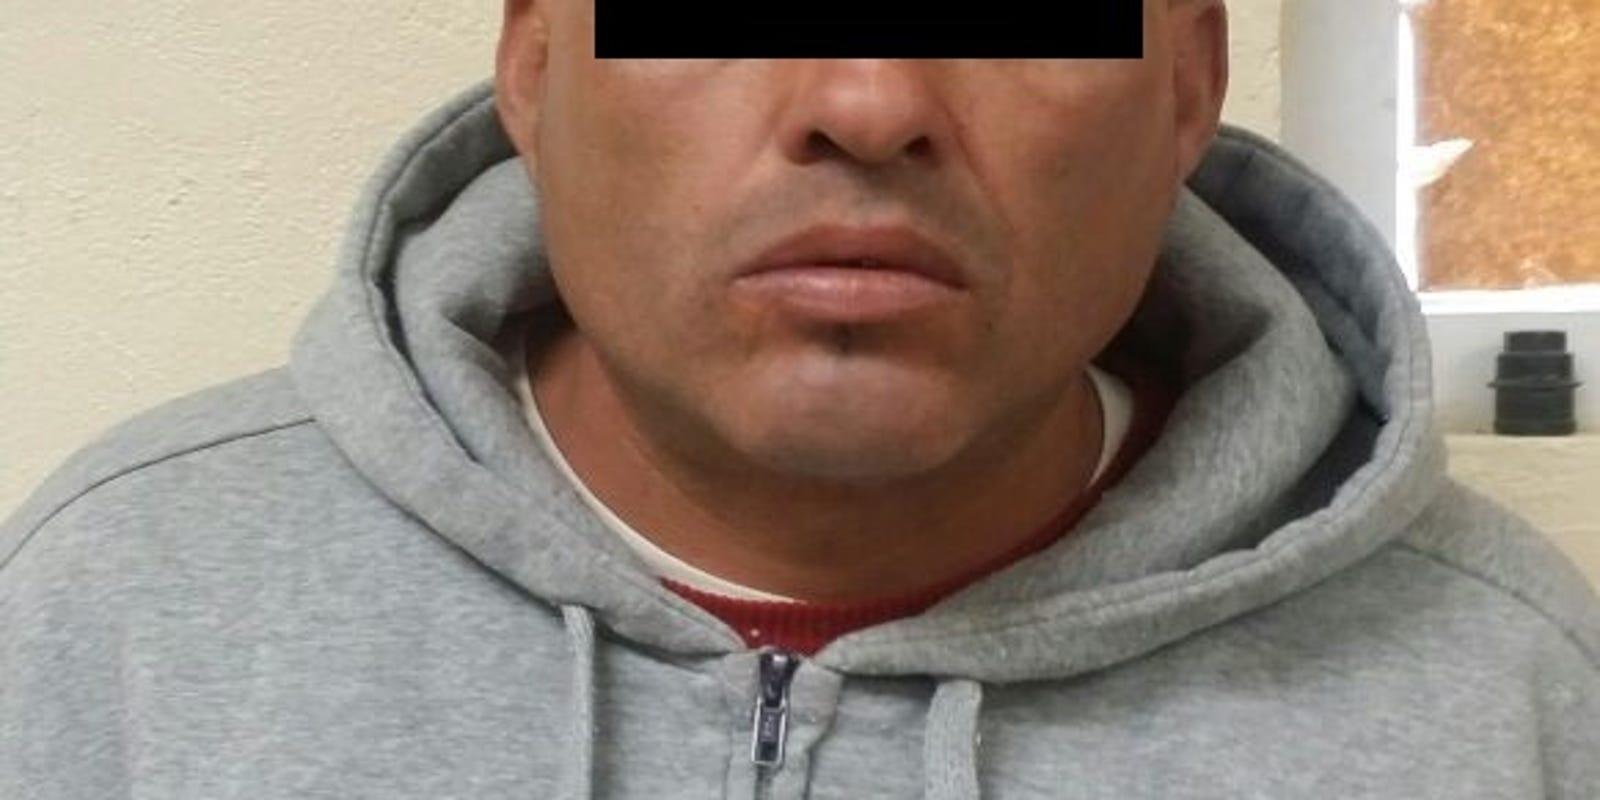 Haydee Gutierrez Menchaca arrest made in juárez 'femicides' from 1995